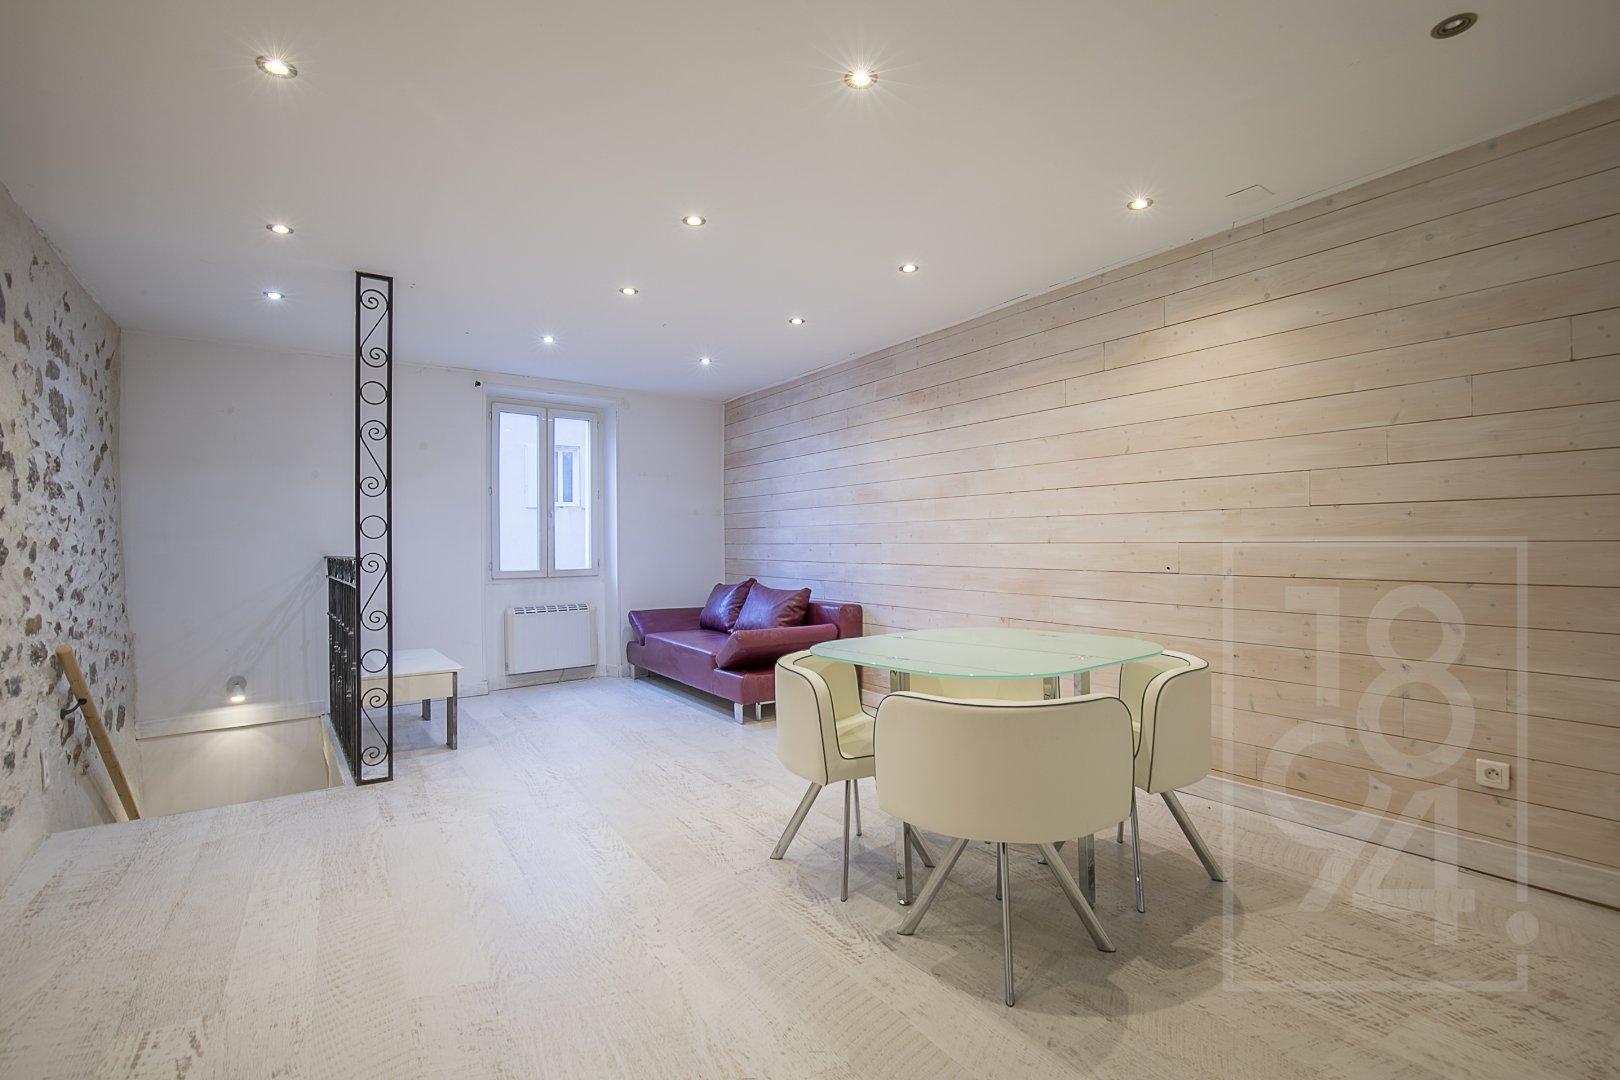 Appartement de type T1, entièrement rénové, dans le centre ville de Gardanne